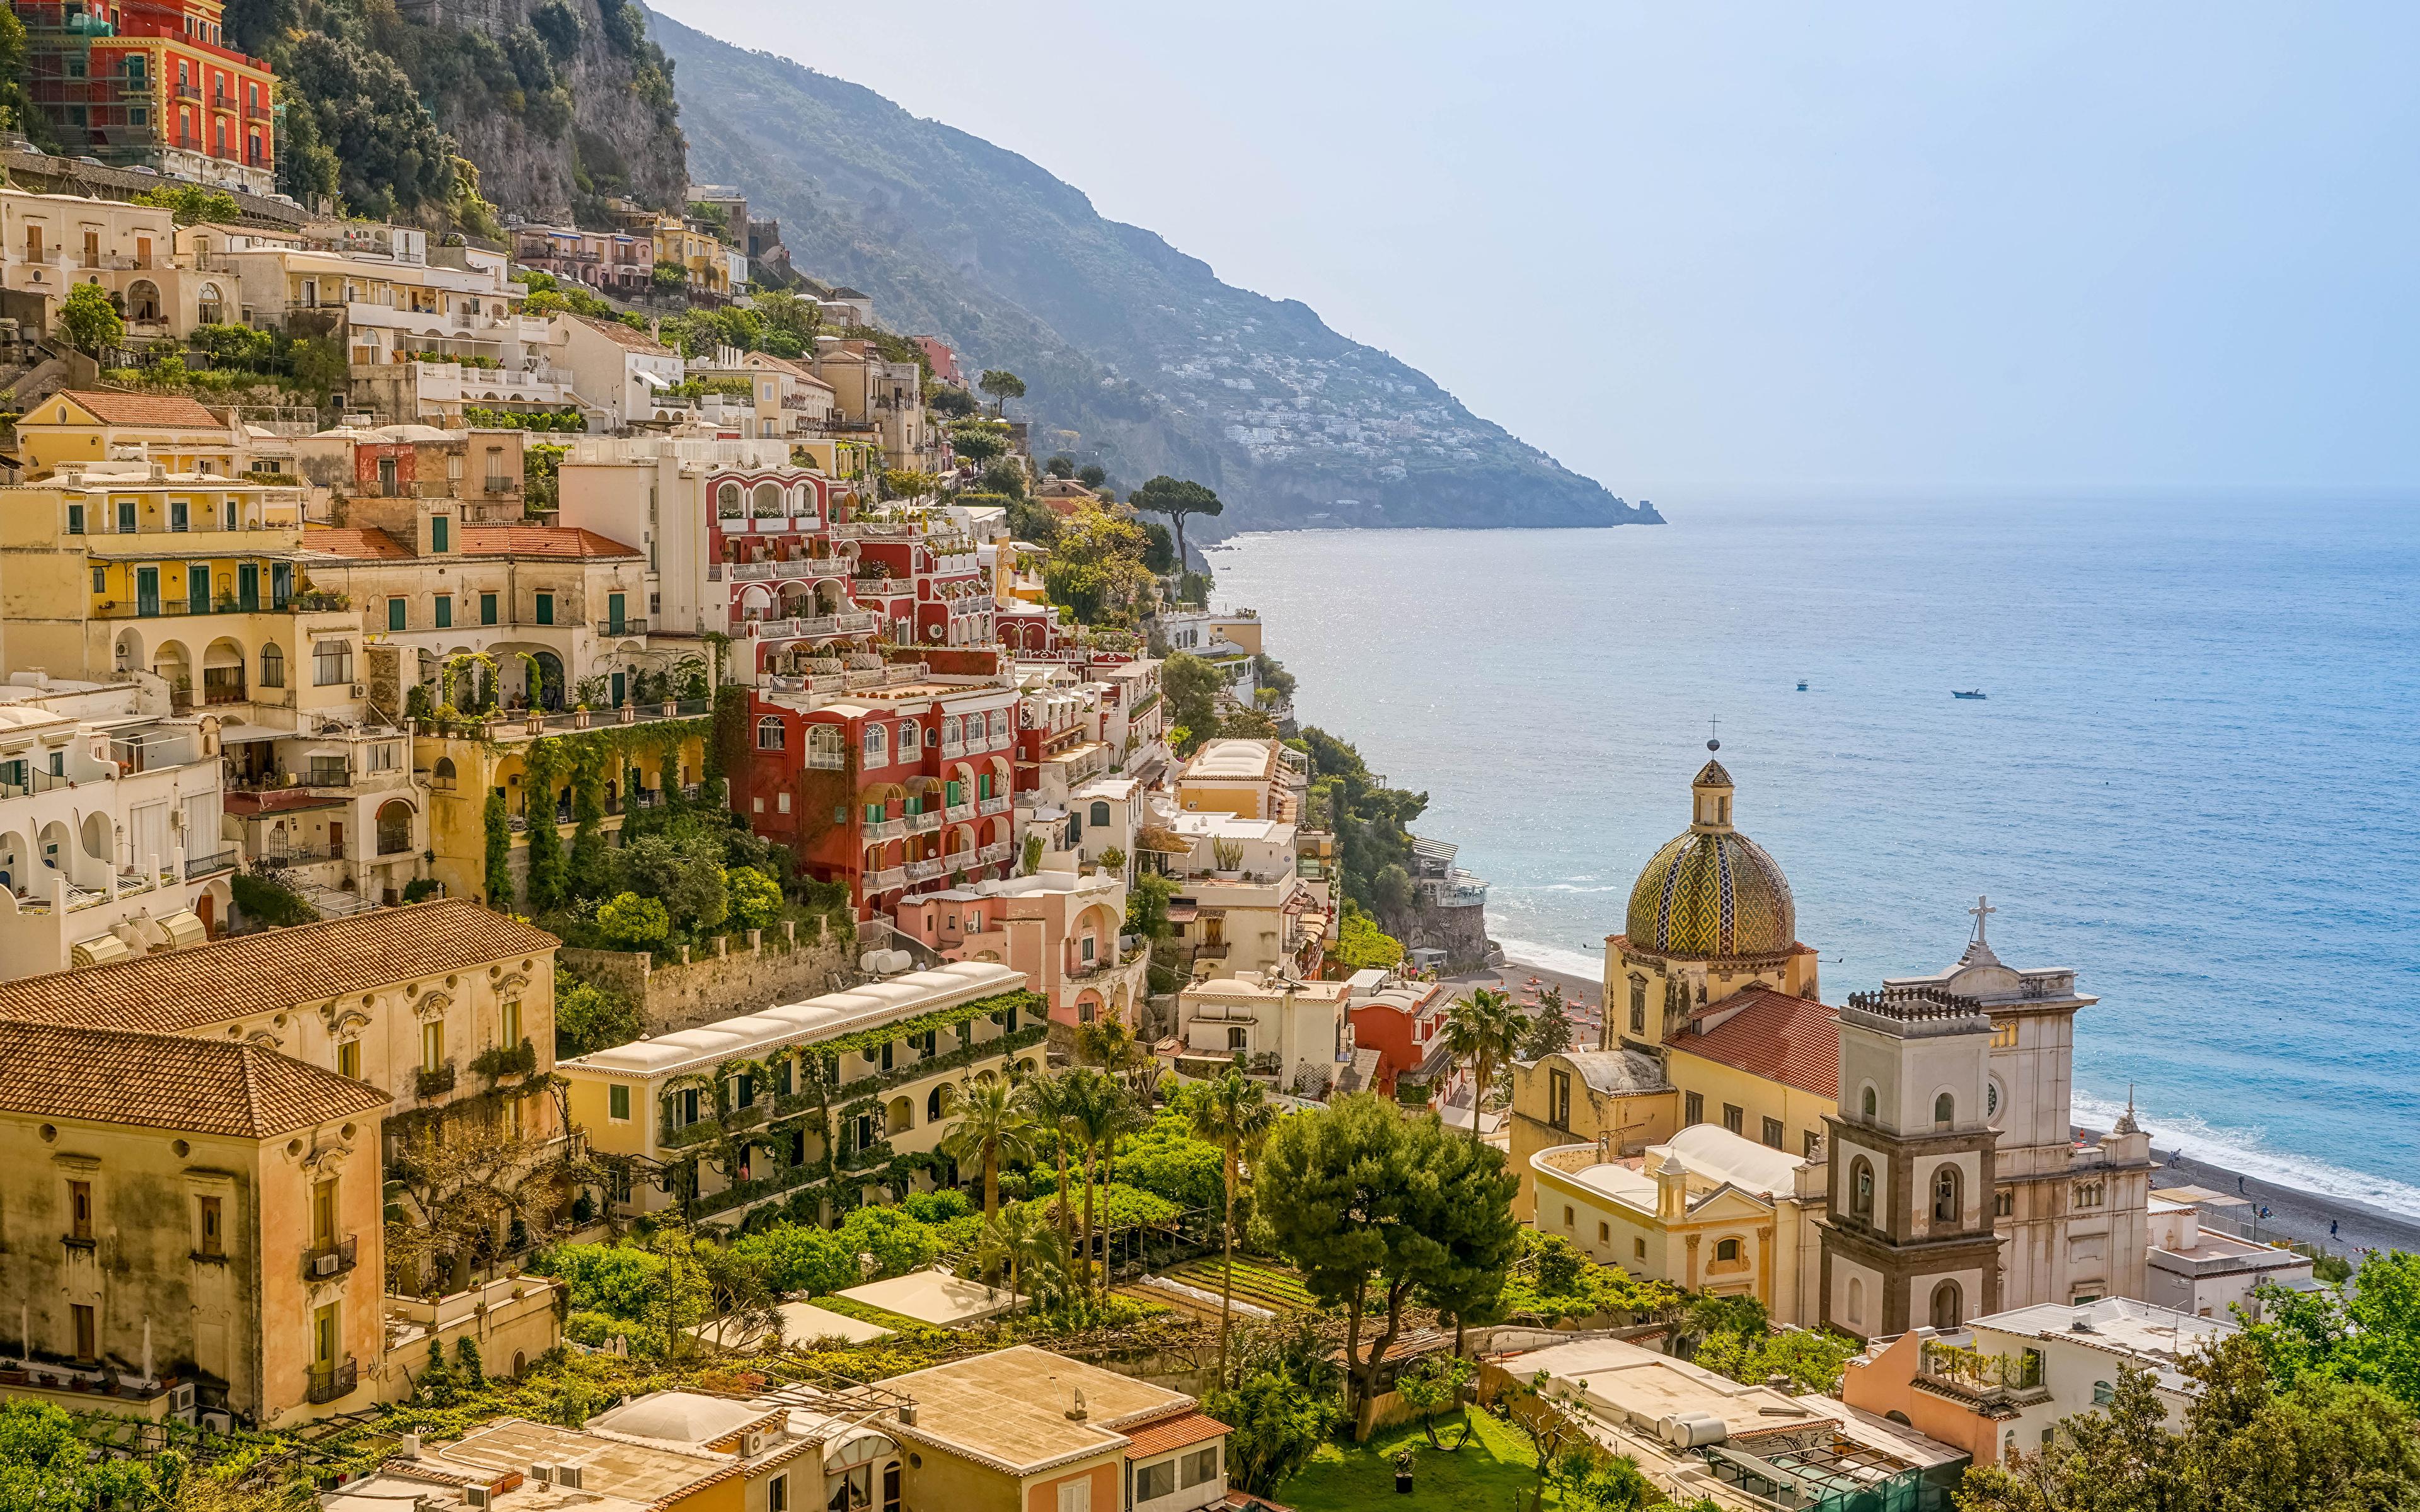 амальфи Побережье италия море горы скачать